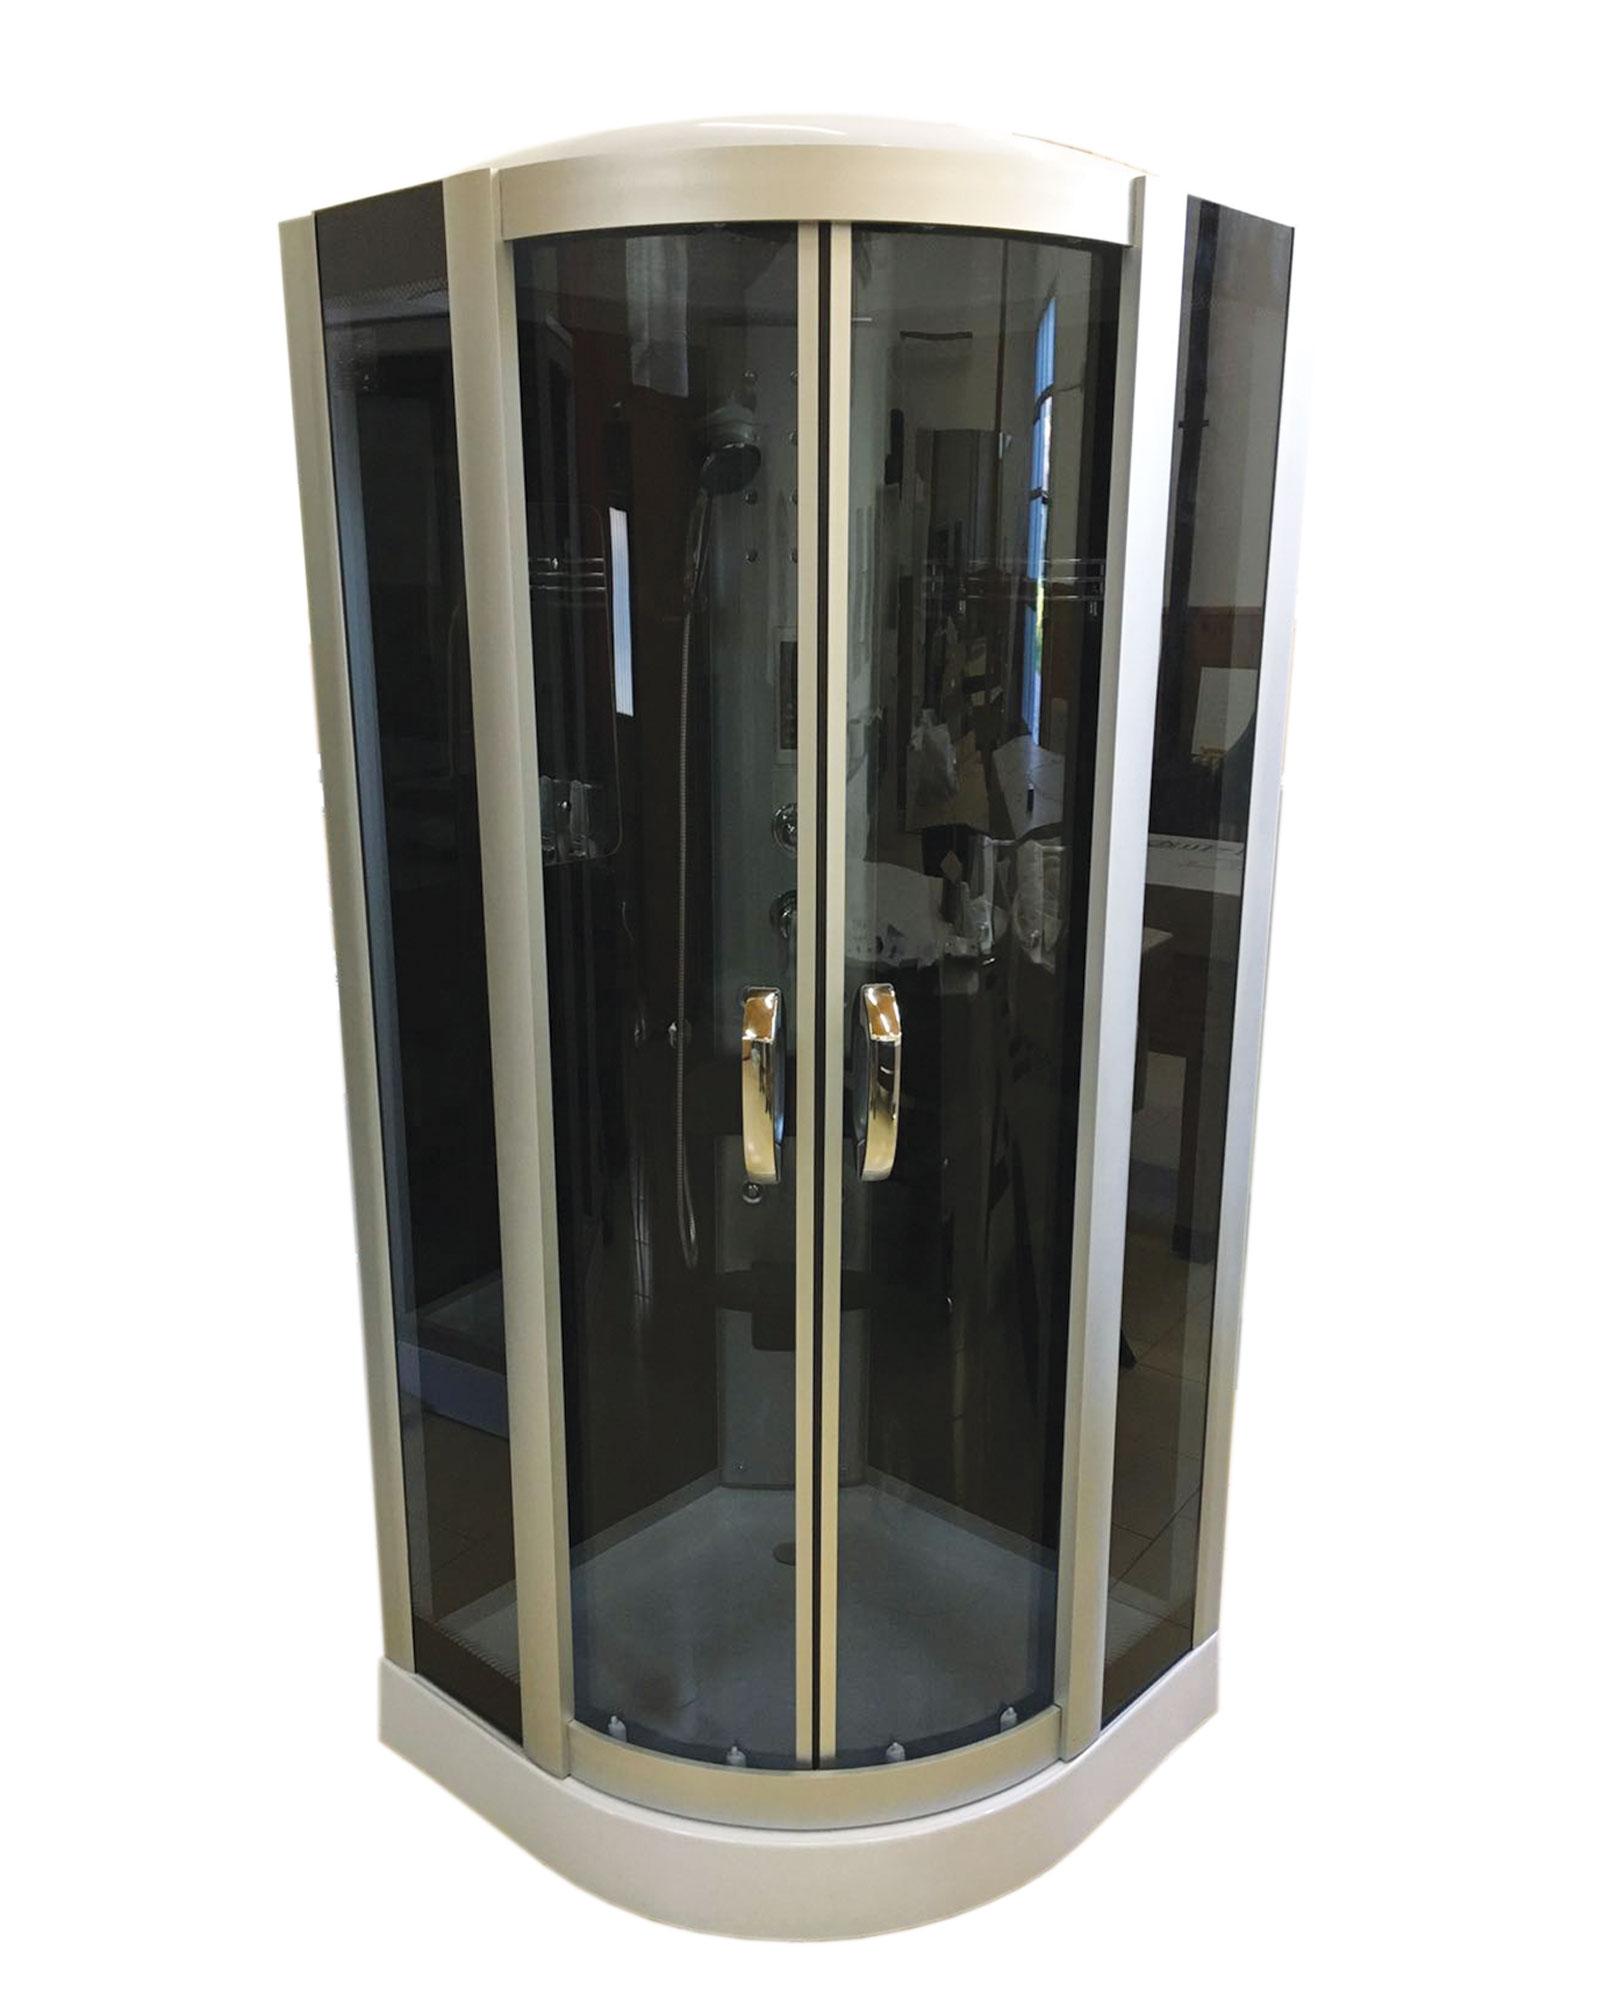 Ikea cabine doccia excellent box doccia ikea pictures to - Cabina doccia leroy merlin prezzi ...